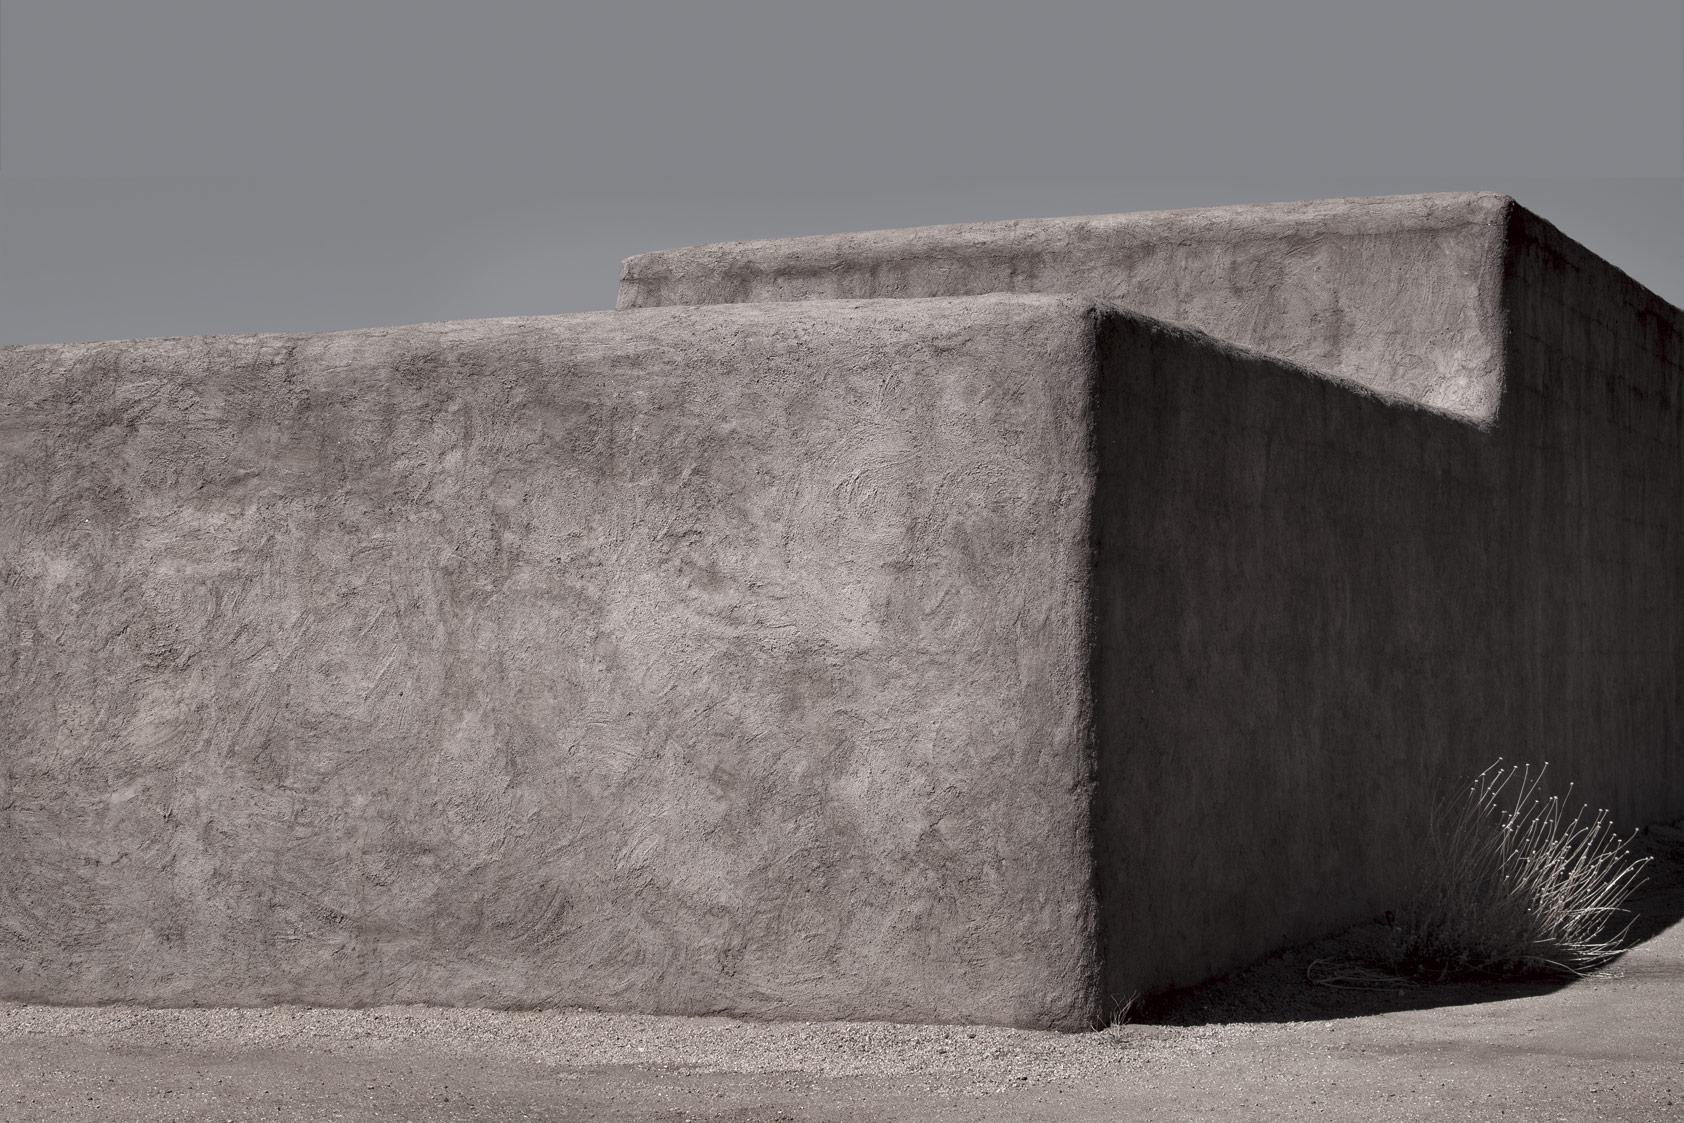 Chris Clor stone steps